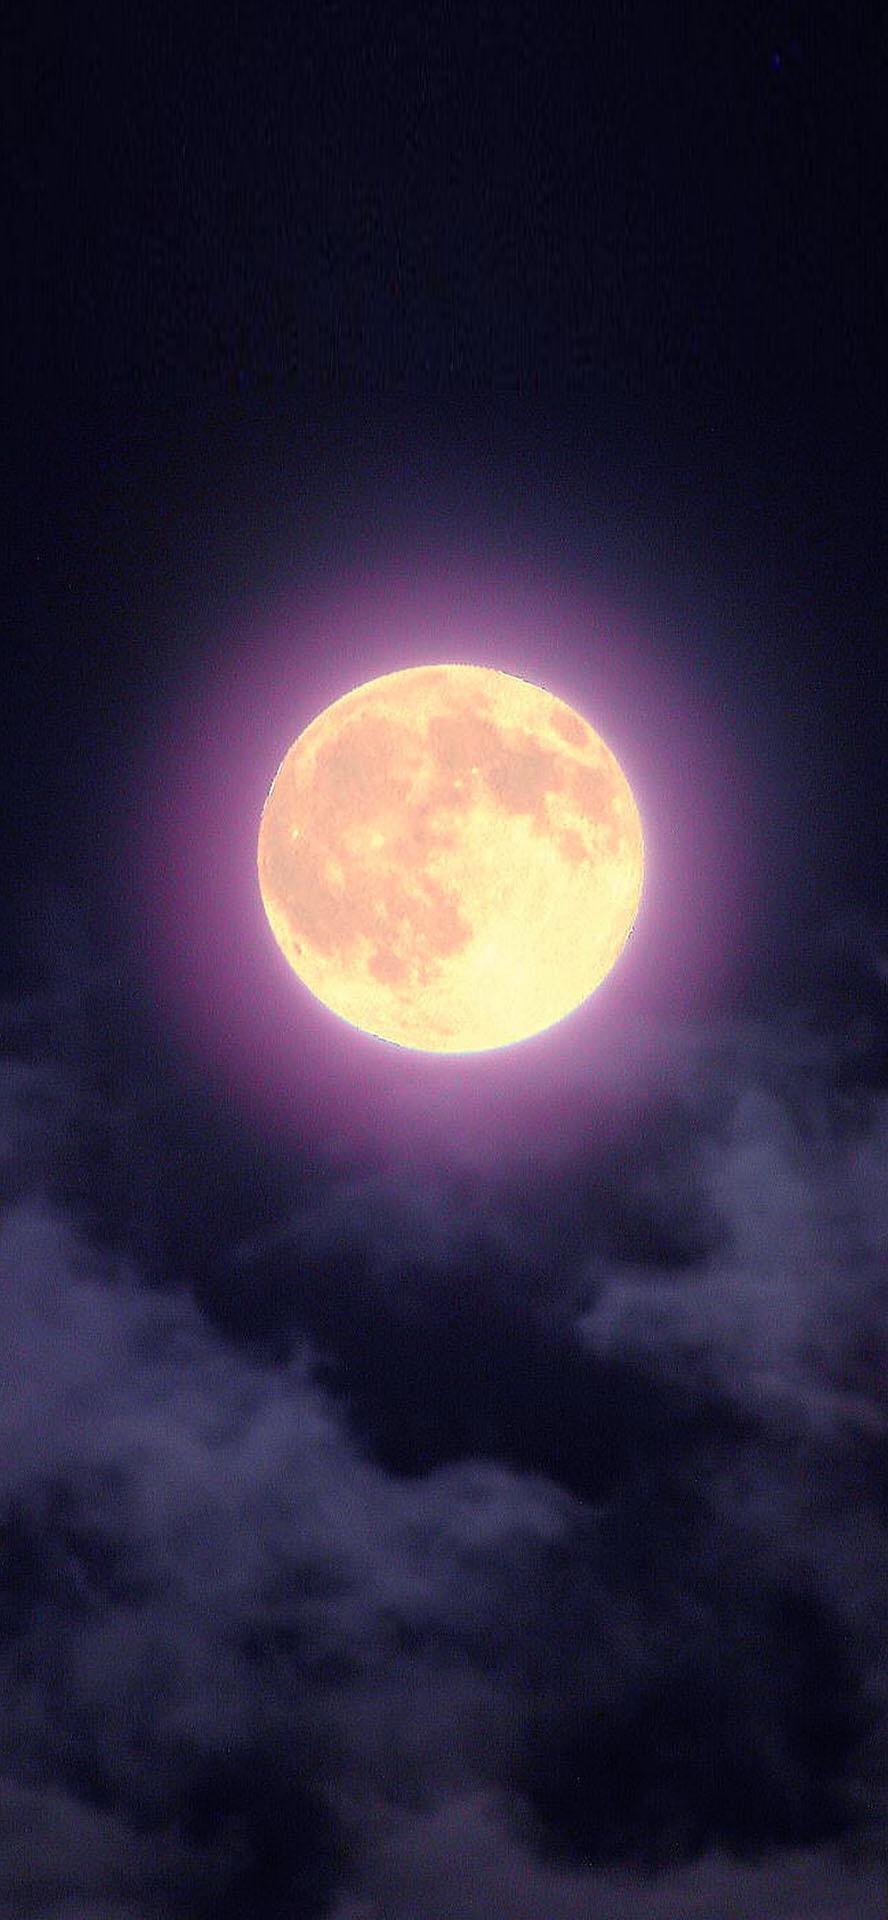 星盘推运:行运天王星合到(0度)本命金星